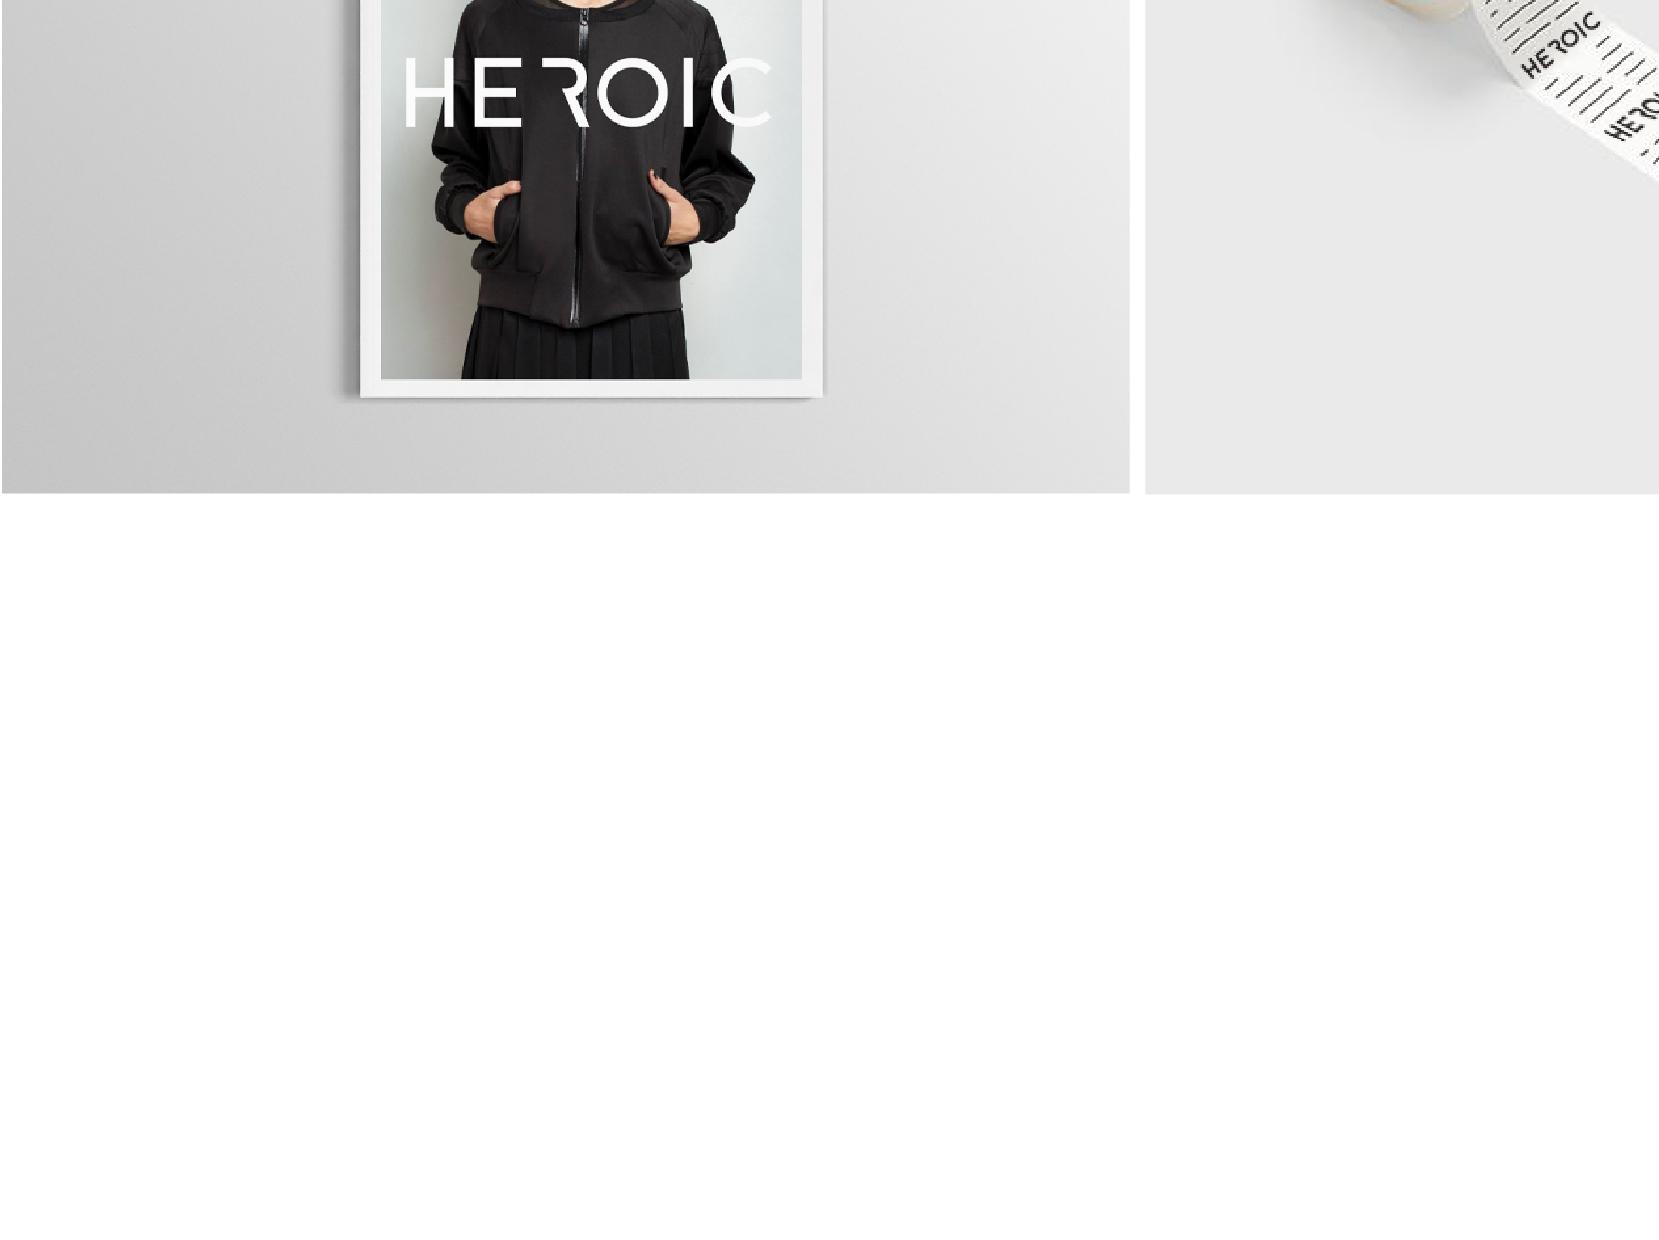 HEROIC WEB 11.jpg